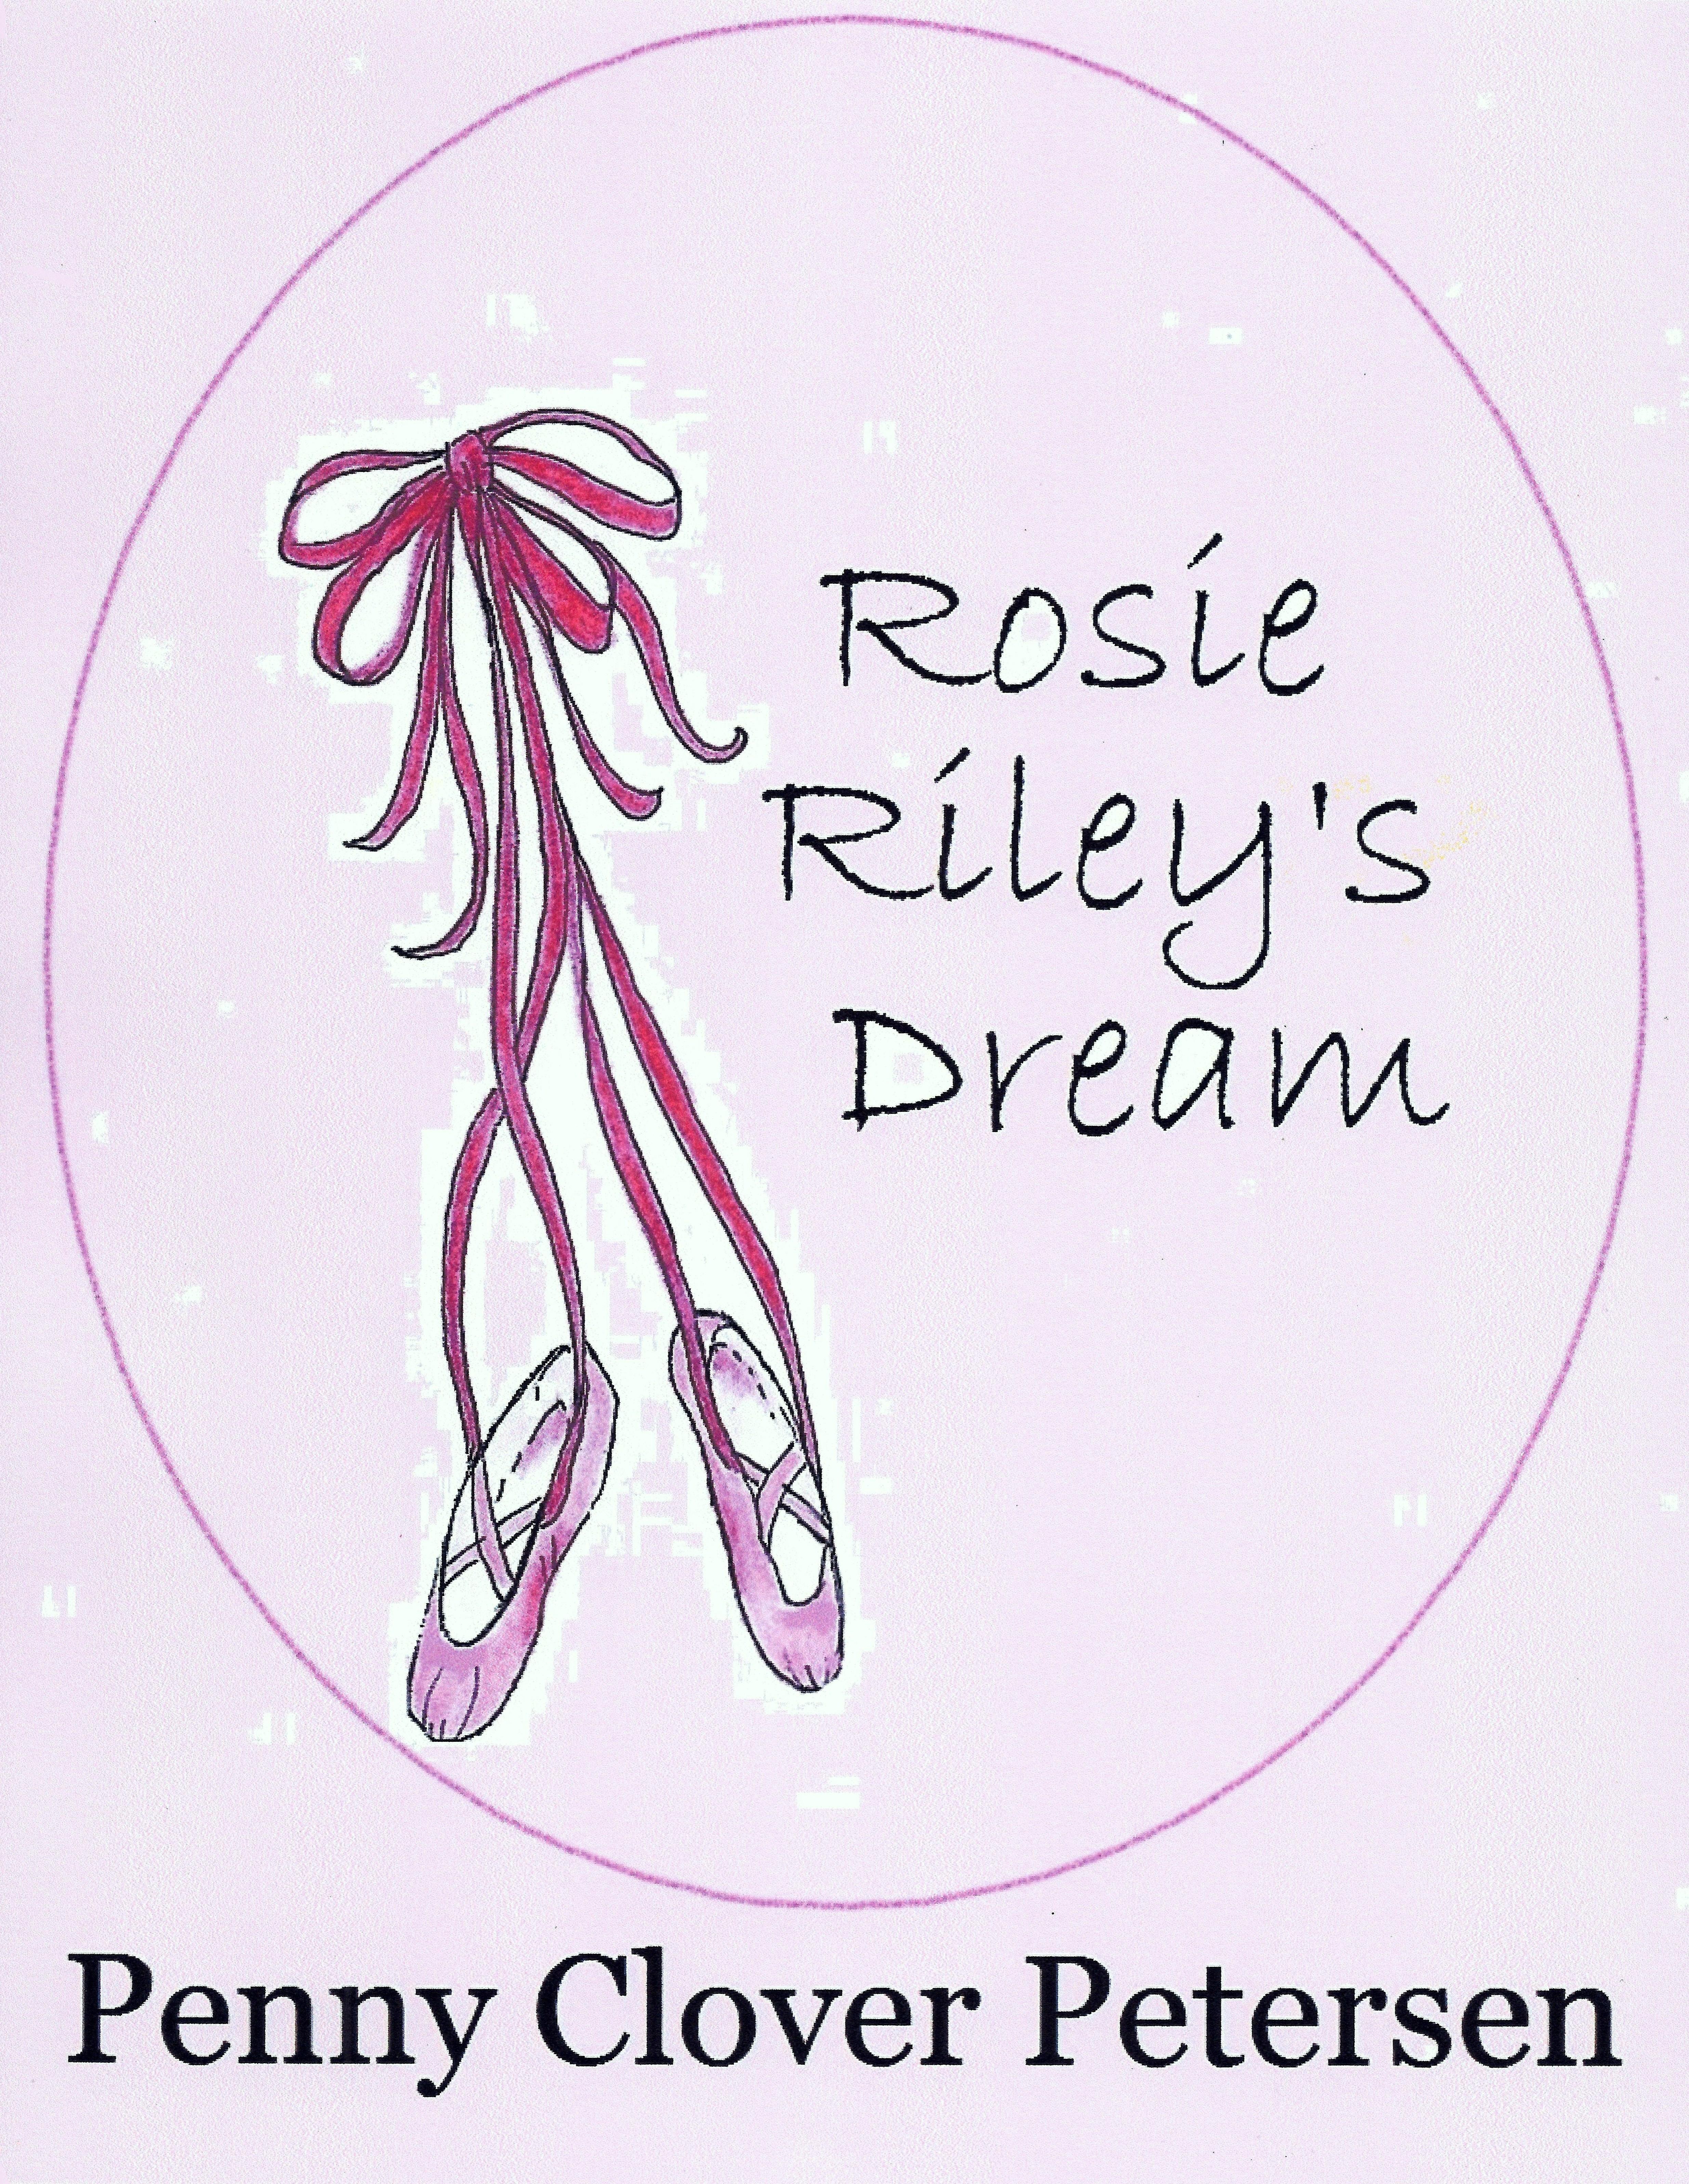 Penny Clover Petersen - Rosie Riley's Dream